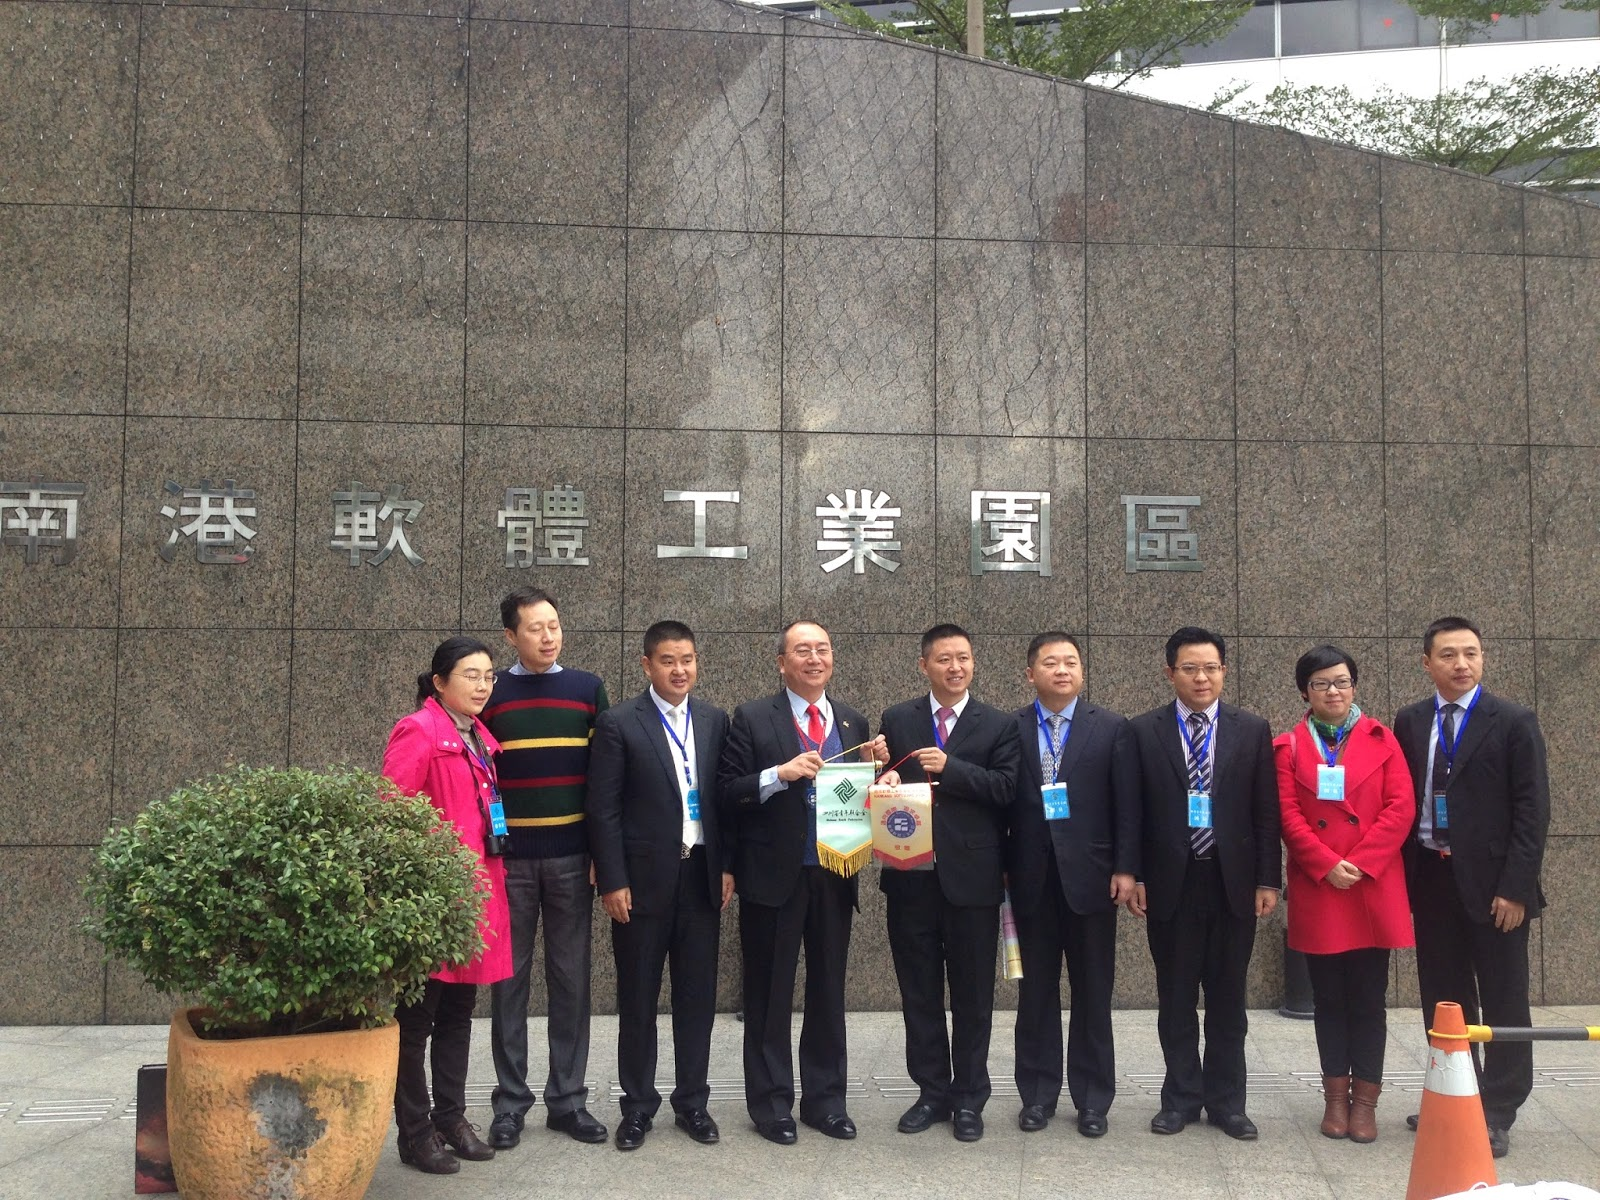 四川省青年聯合會訪問團